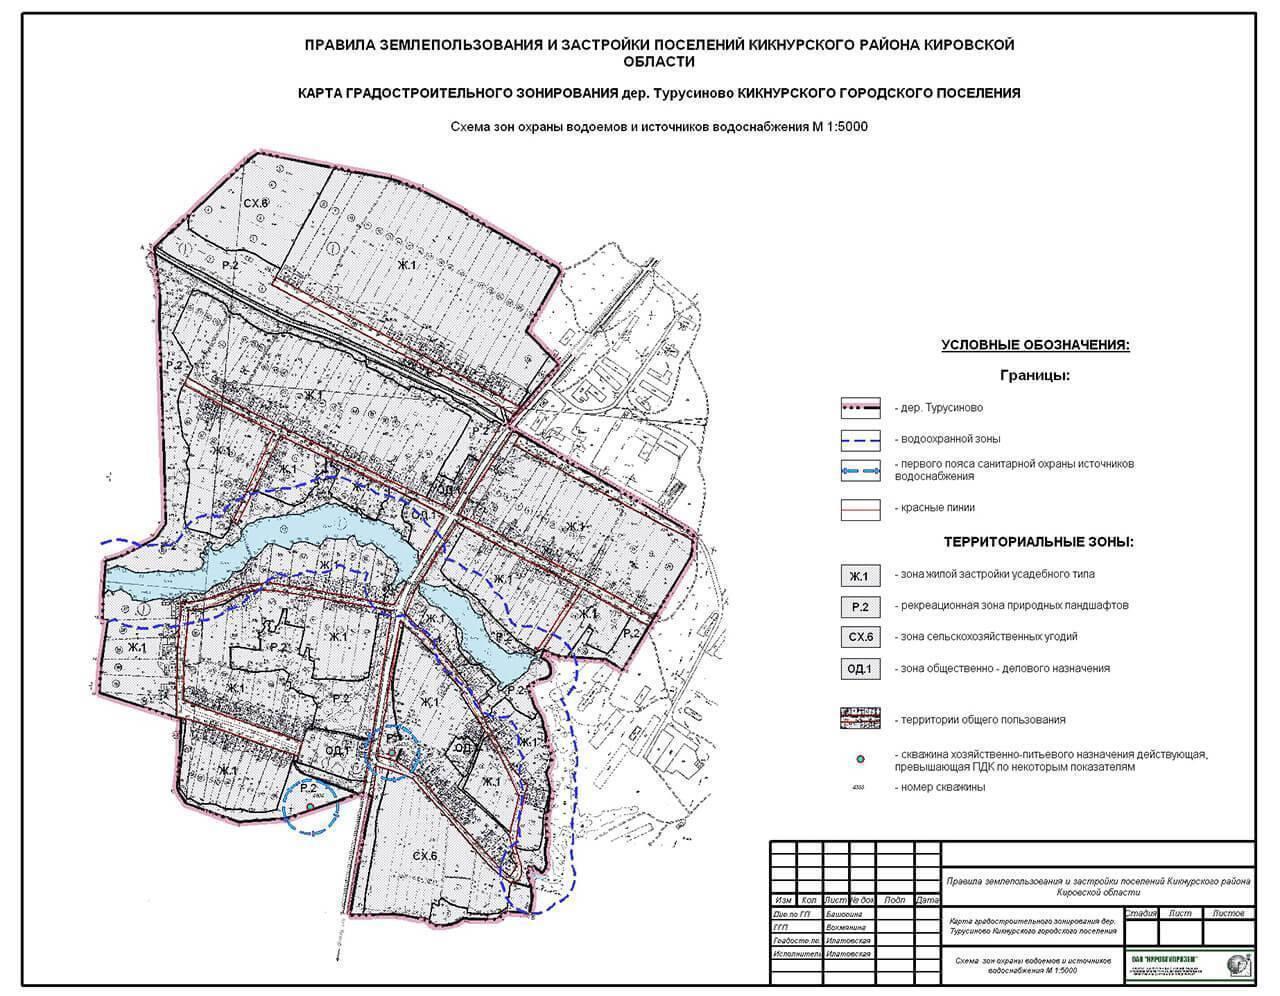 Охранная зона водопровода и канализации: нормативные требования